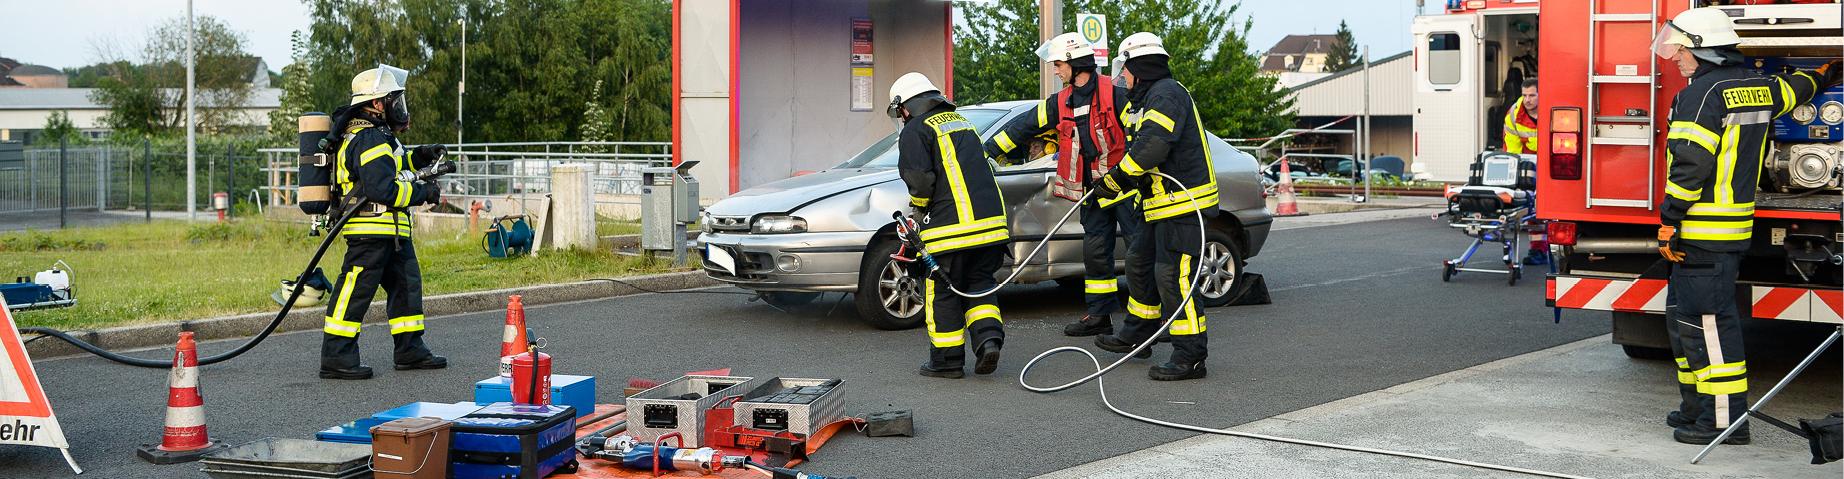 Ein Trupp der Freiwilligen Feuerwehr schneidet ein Auto auf.